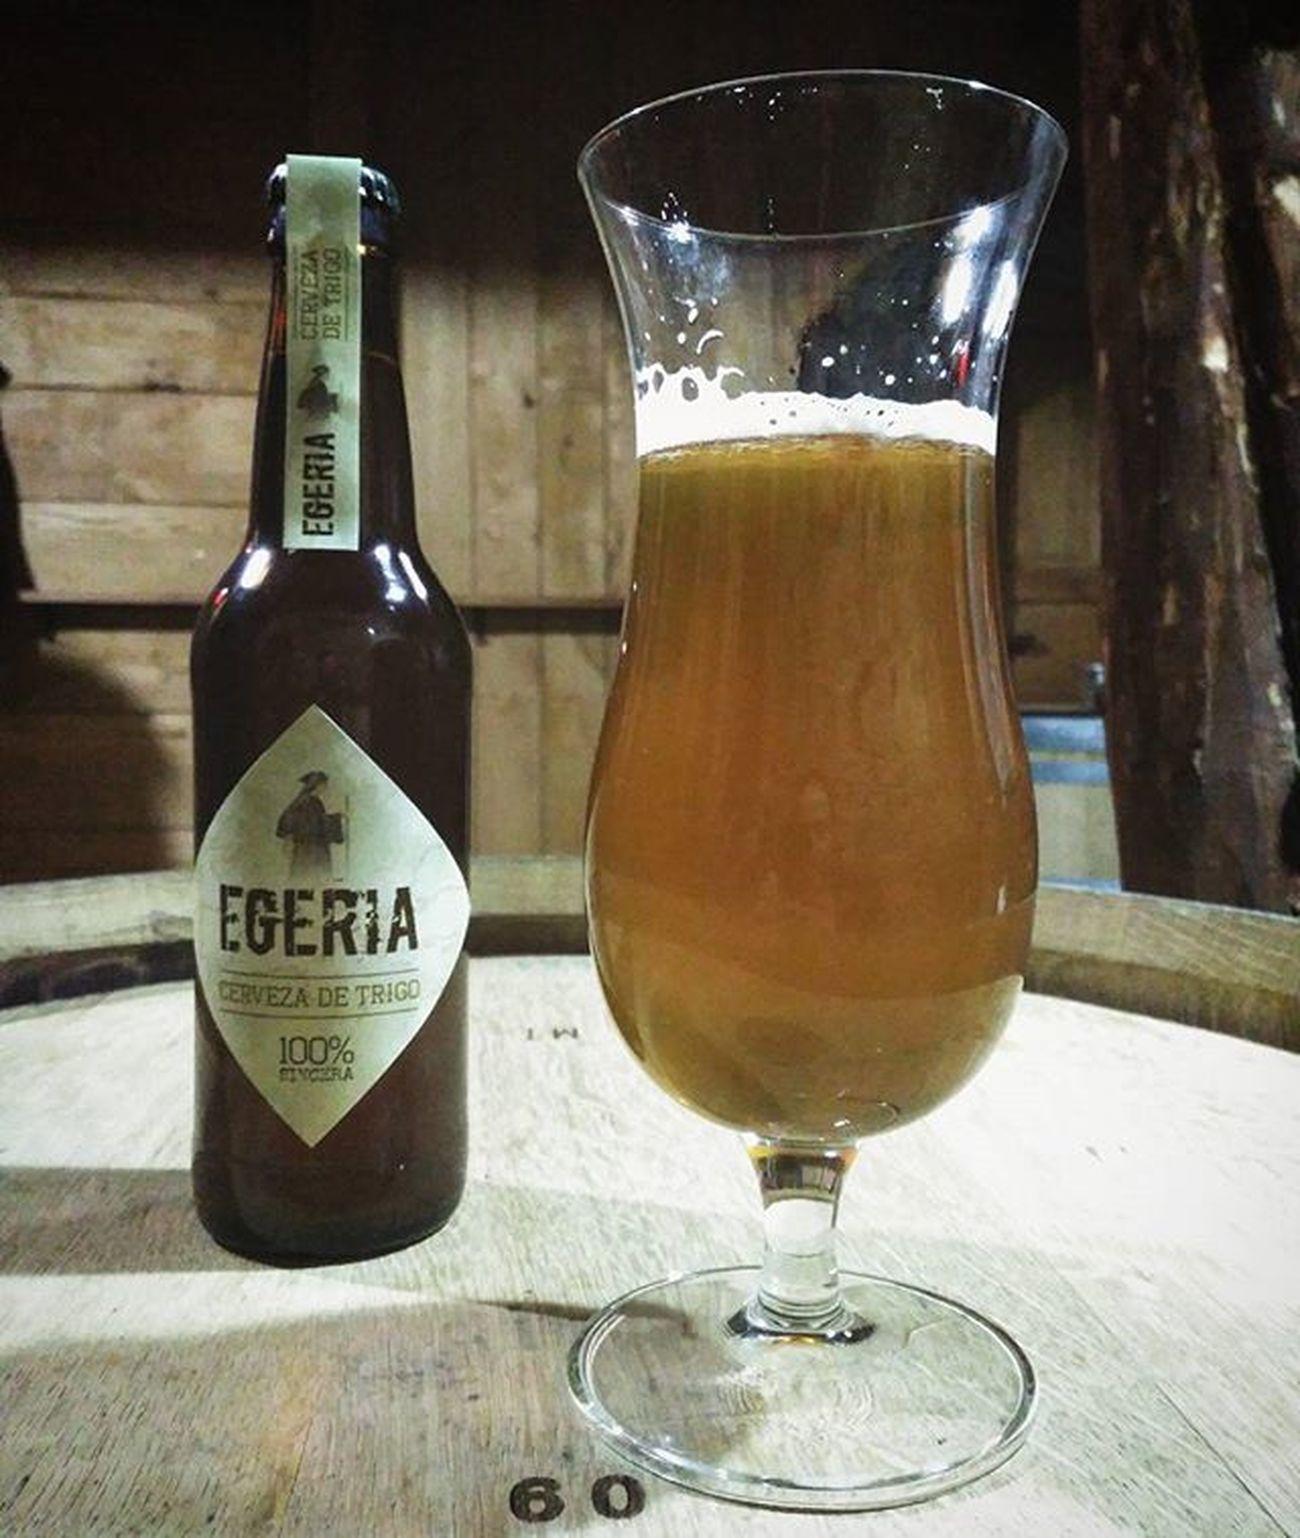 De cata de Cervezaartesanal Egeria por el Bierzo